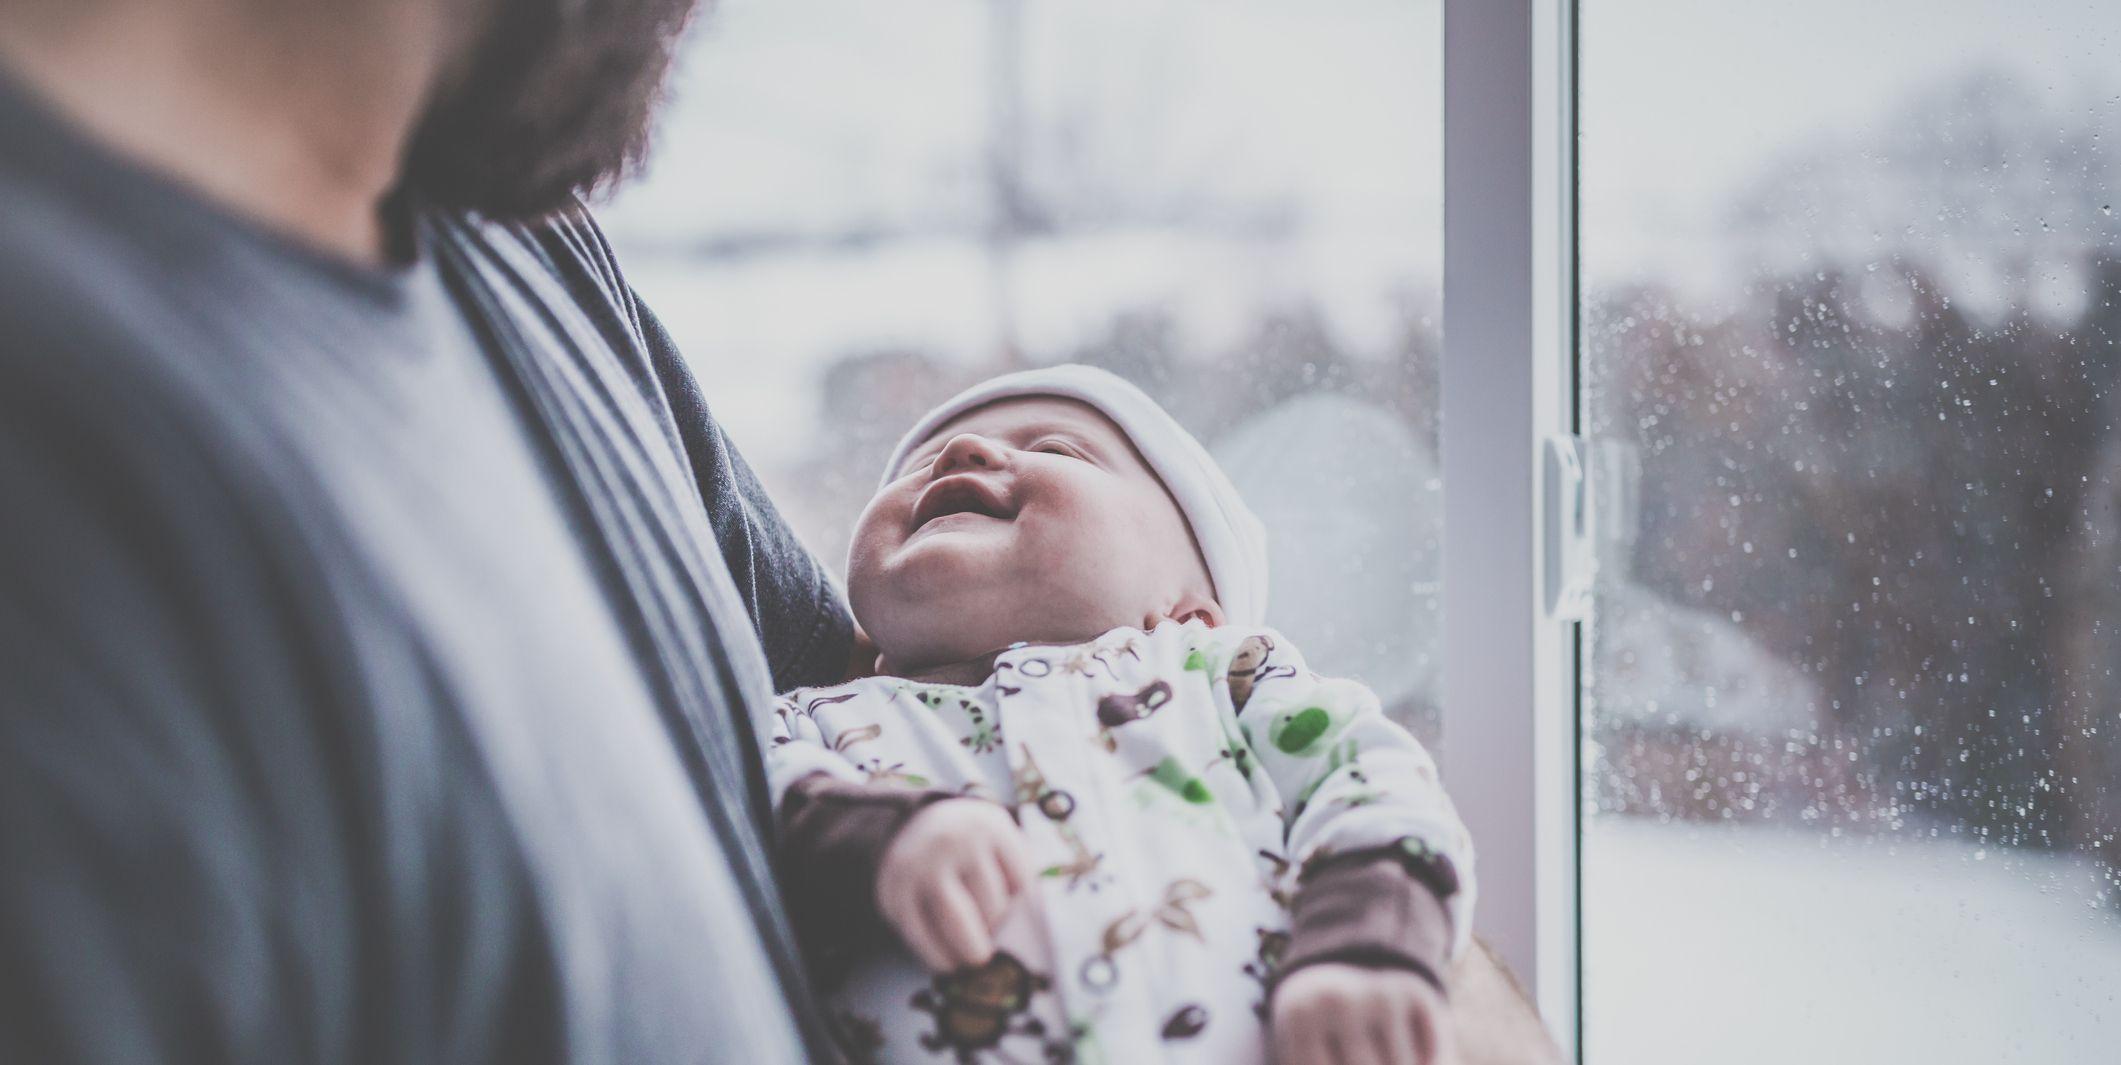 casa segura en invierno para bebés